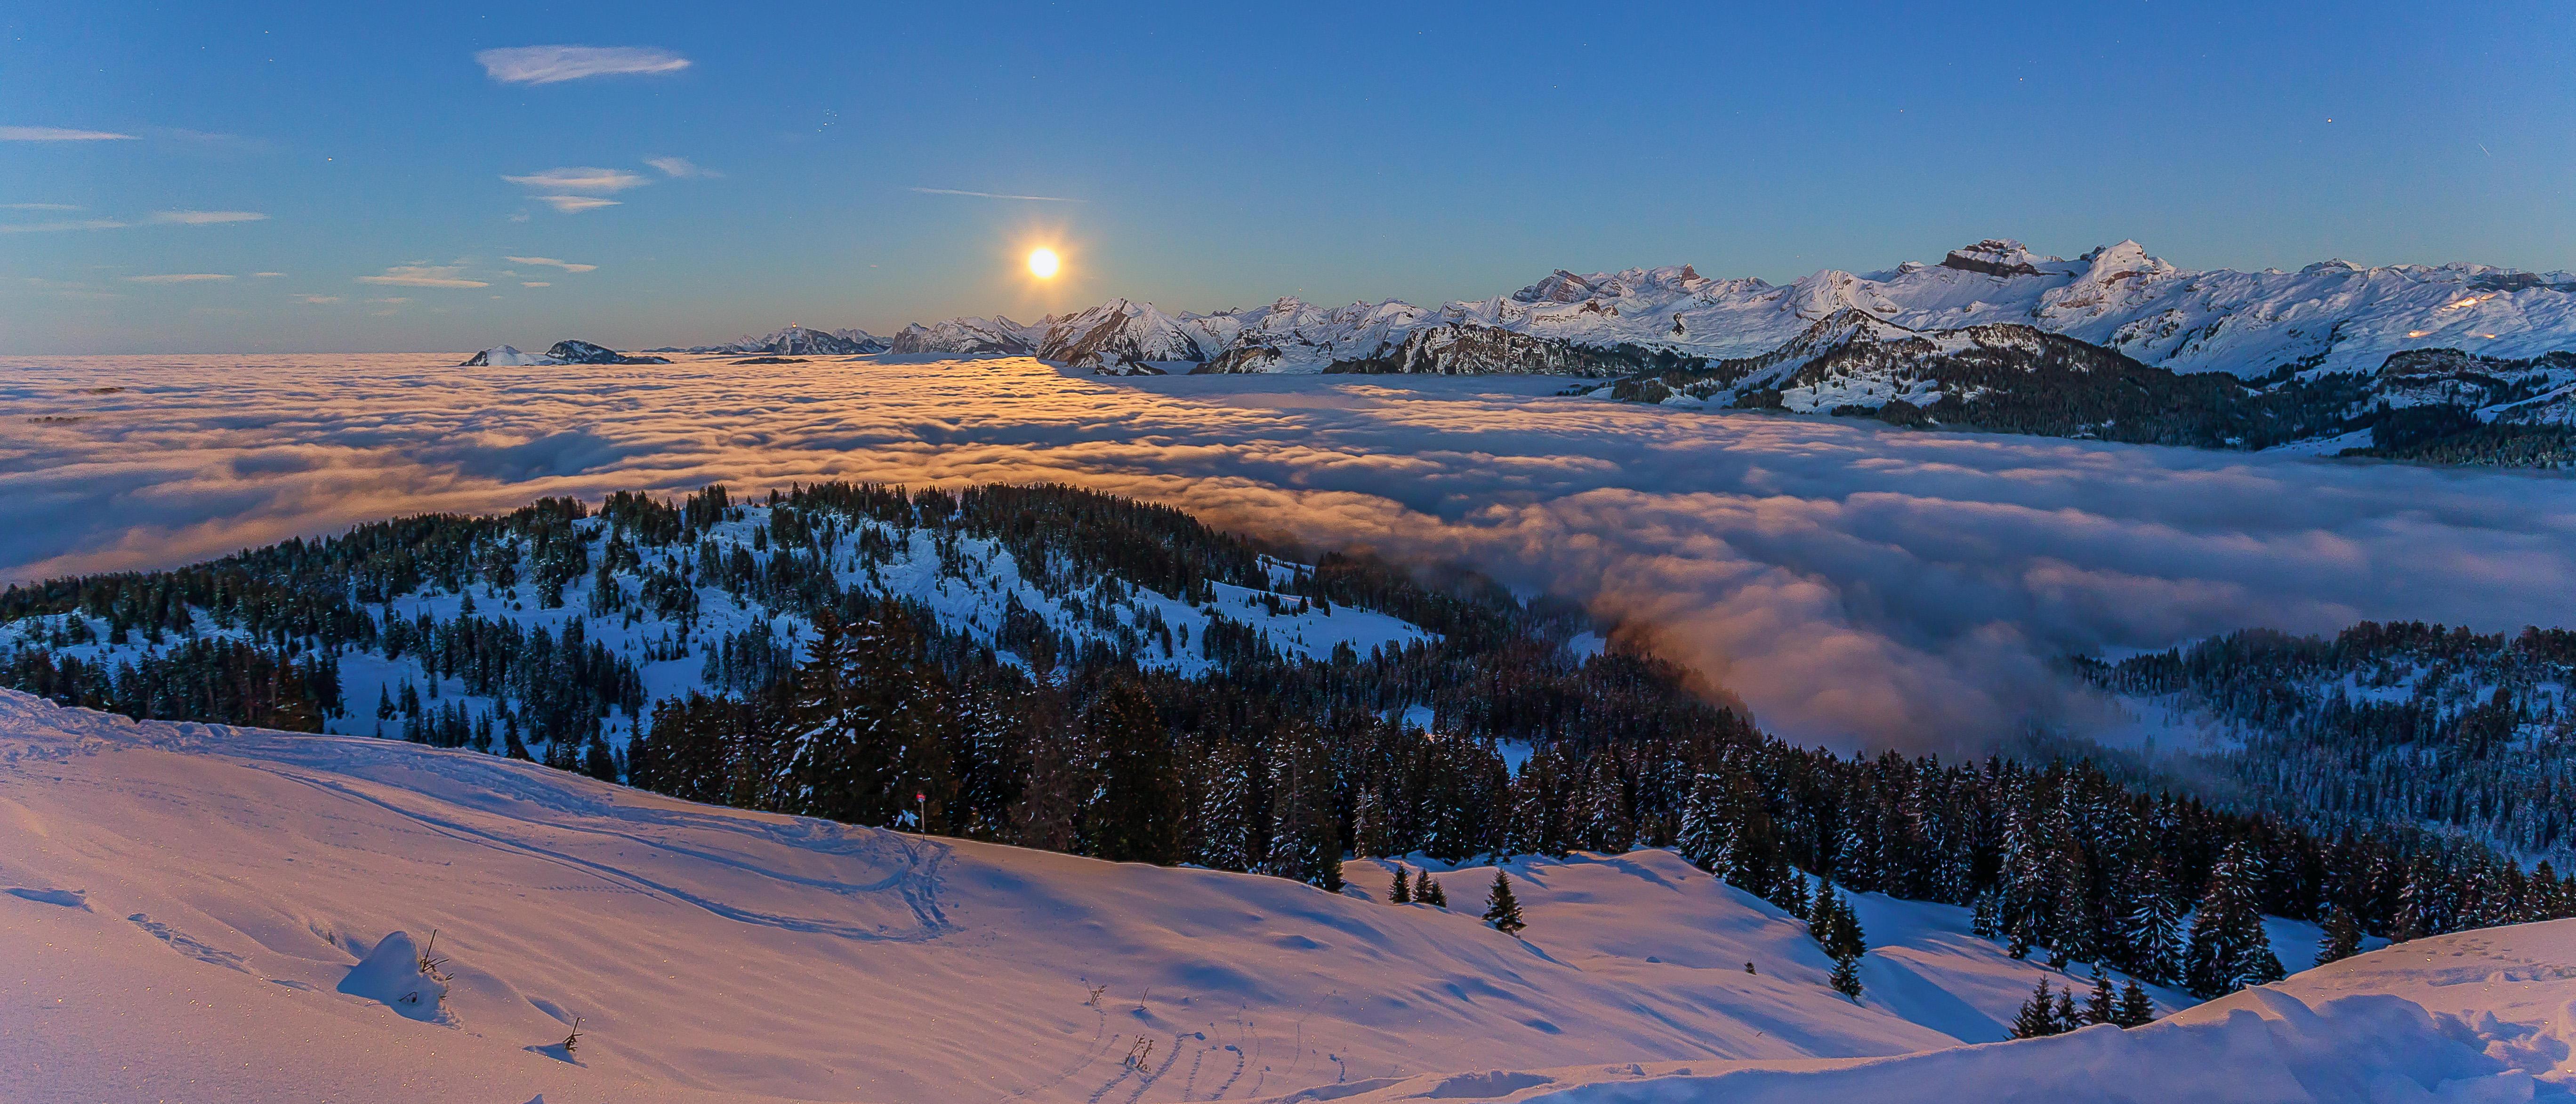 Море тумана, Альпы, Панорама